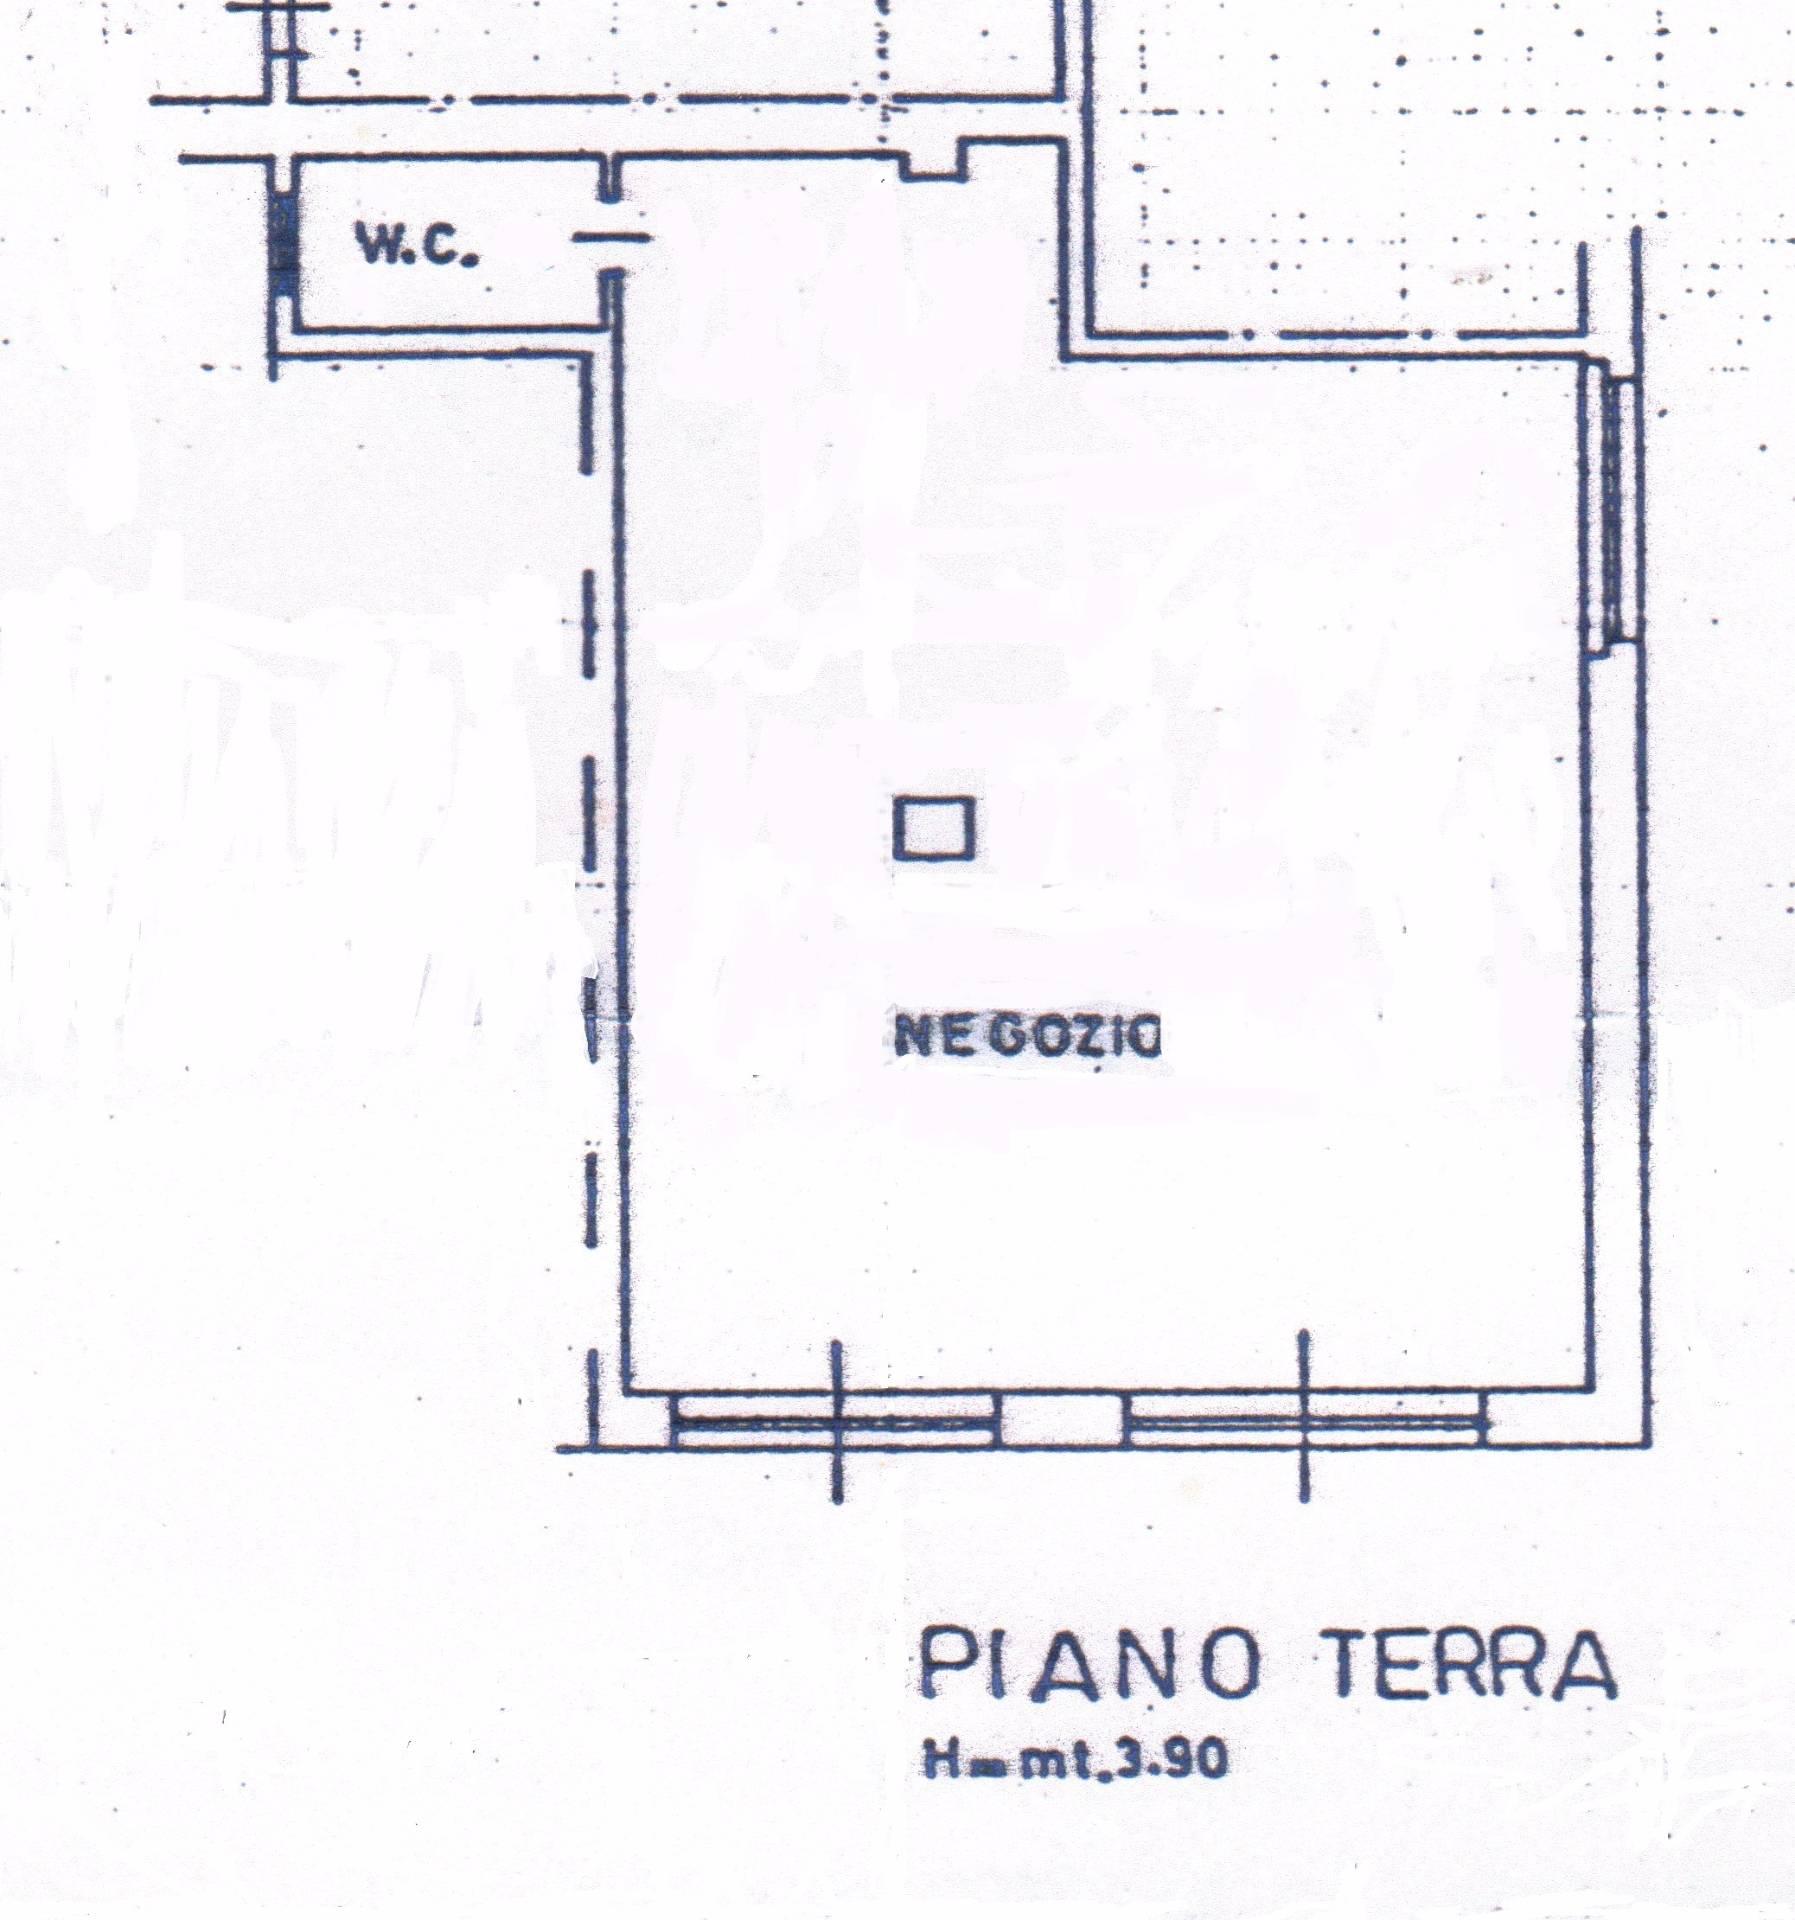 Negozio / Locale in vendita a San Benedetto del Tronto, 9999 locali, zona Località: CENTRALEVERSOSUD, prezzo € 165.000 | CambioCasa.it